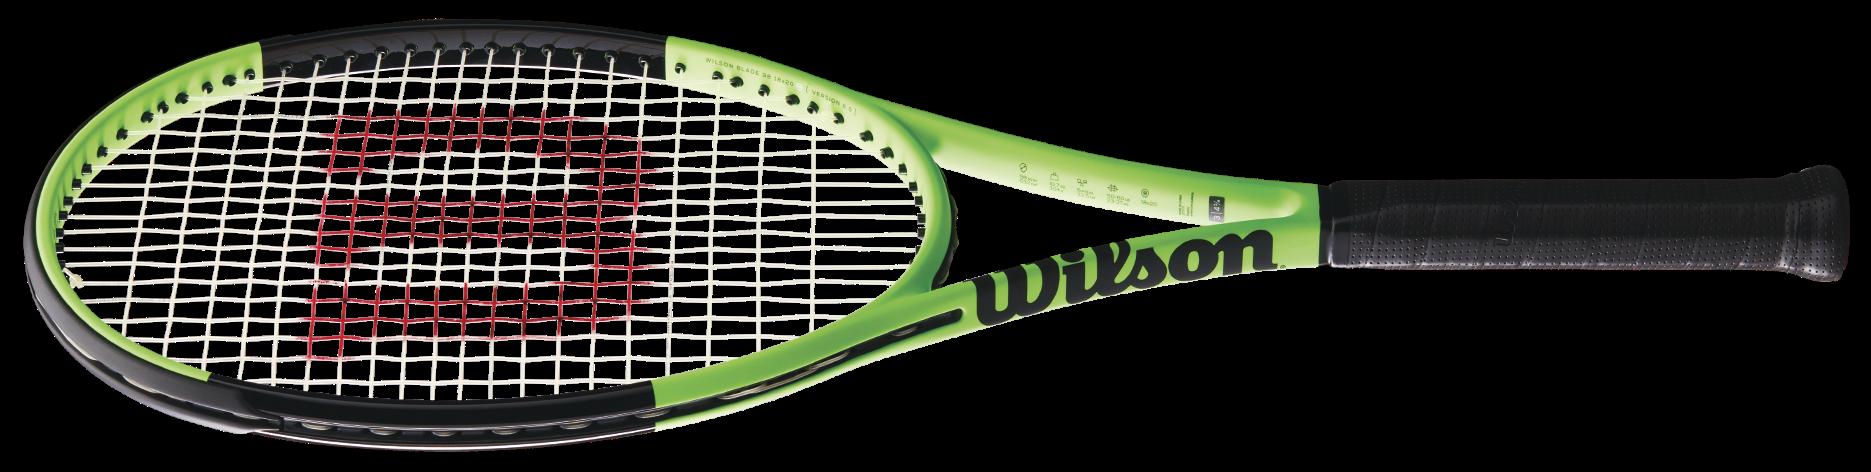 Wilson Blade fordított színű teniszütő